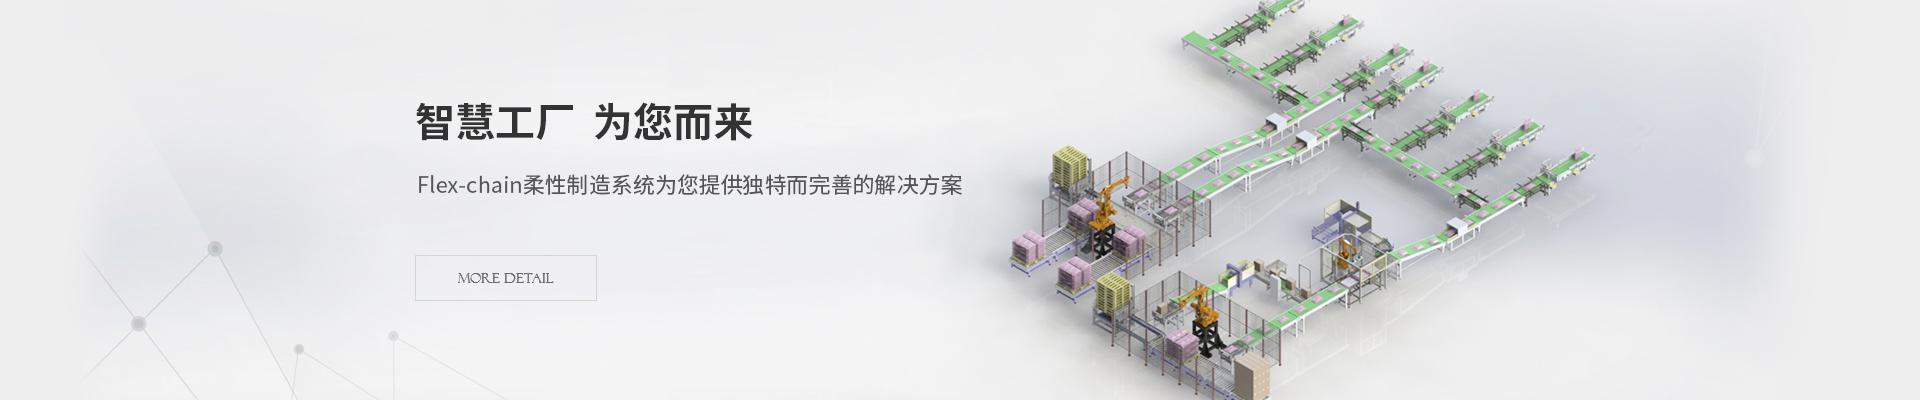 上海星旭自动化设备有限公司